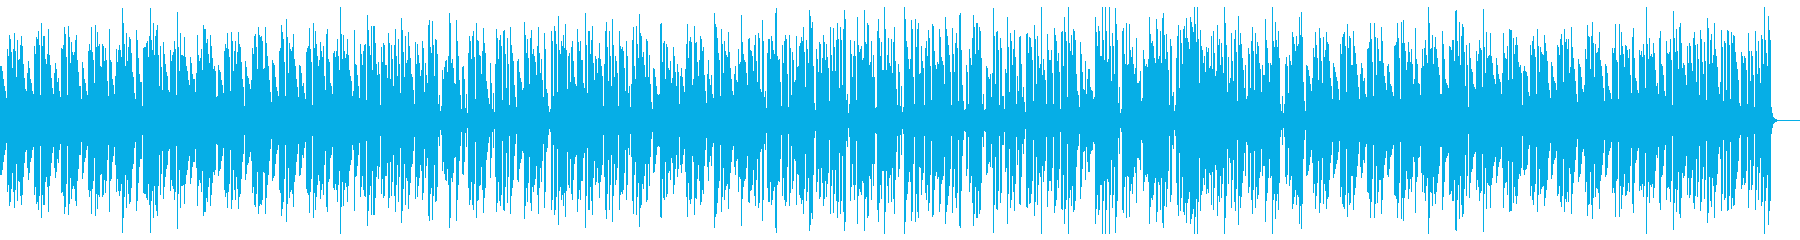 明るく上品で心地よいジャズピアノBGMの再生済みの波形